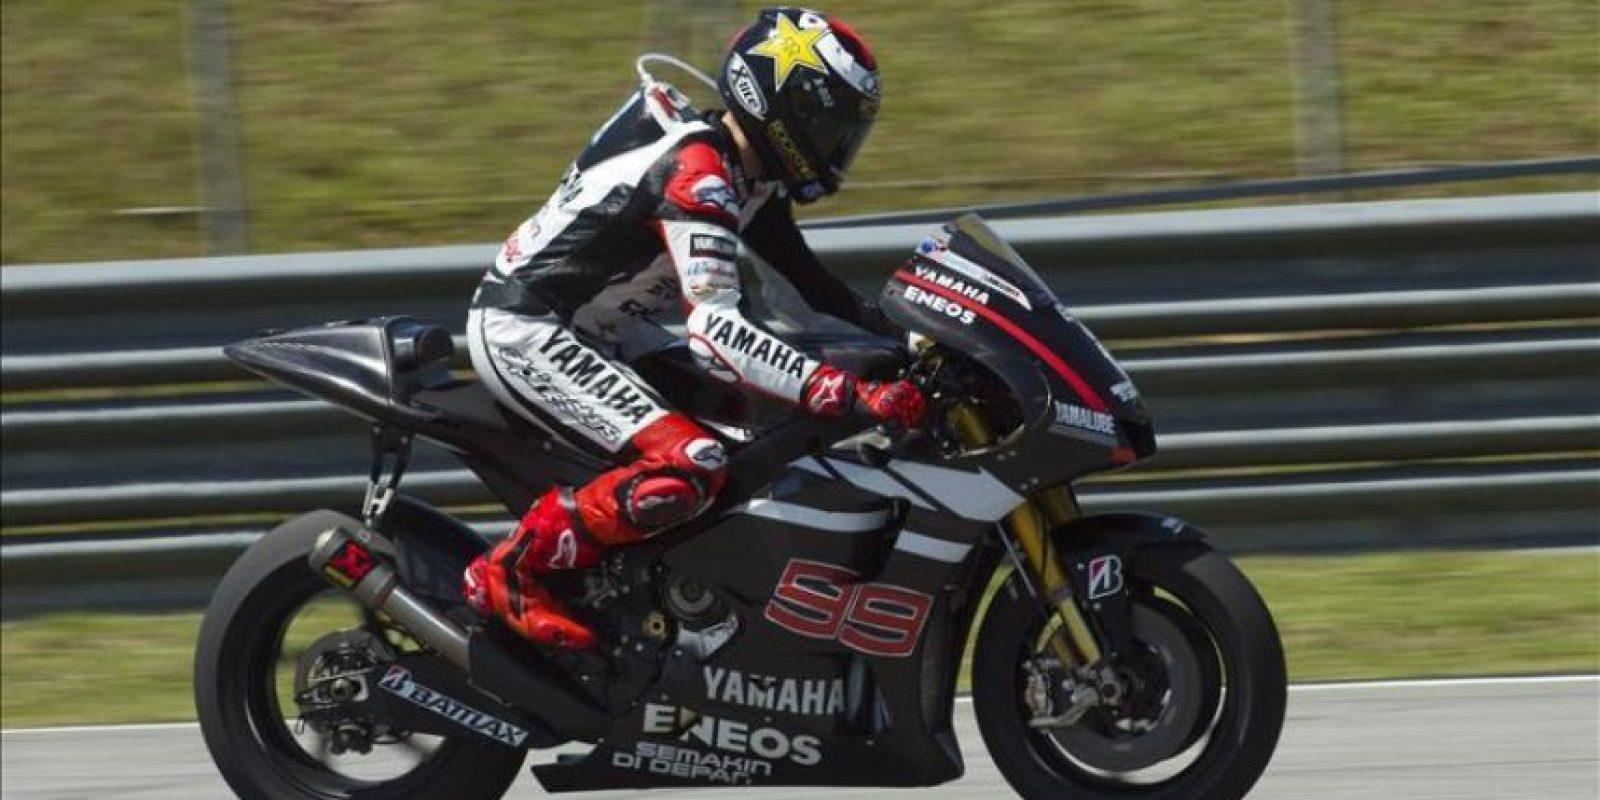 El piloto español de MotoGP Jorge Lorenzo, de la escudería Yamaha, rueda en el el circuito malayo de Sepang, donde se celebran tres jornadas de entrenamientos a partir de hoy. EFE